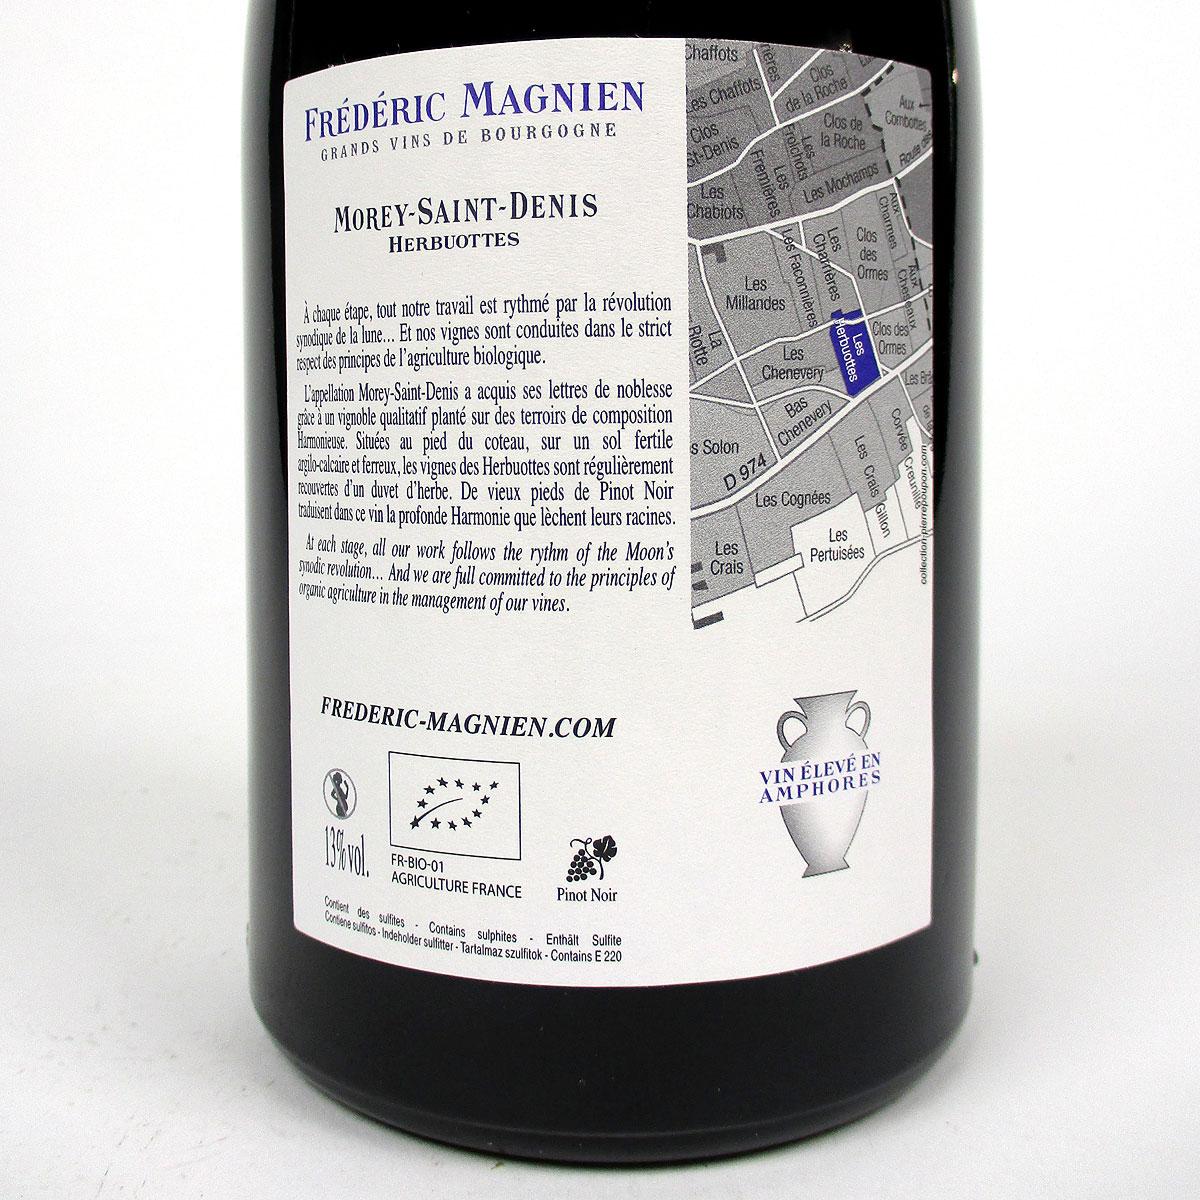 Morey-Saint-Denis: Frédéric Magnien 'Herbuottes' 2016 - Bottle Rear Label